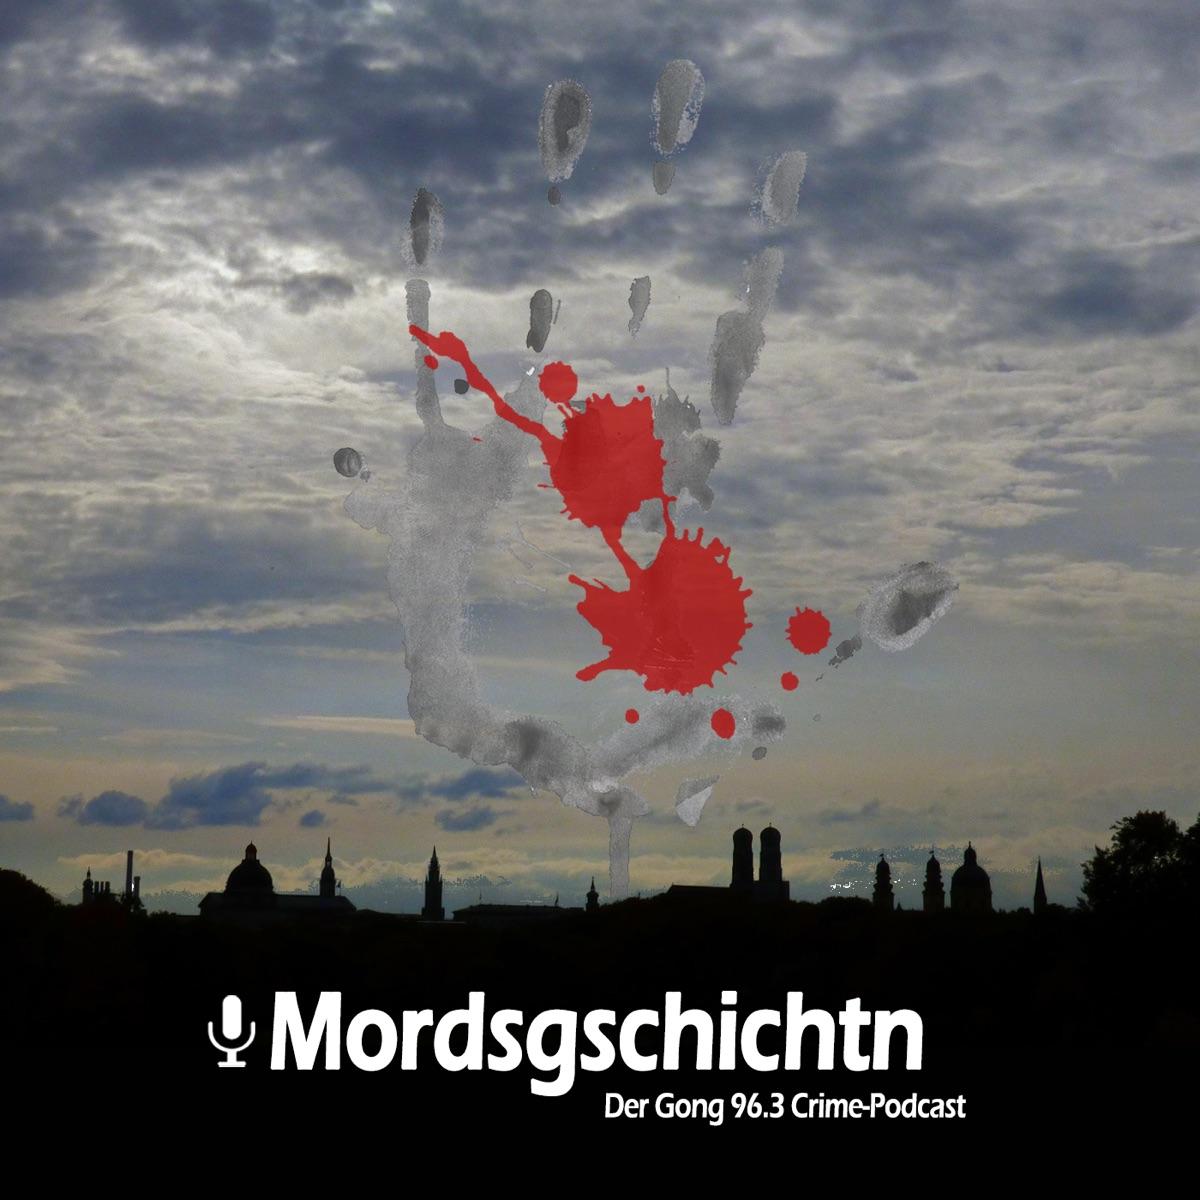 Mordsgschichtn - Der Gong 96.3 Crime-Podcast